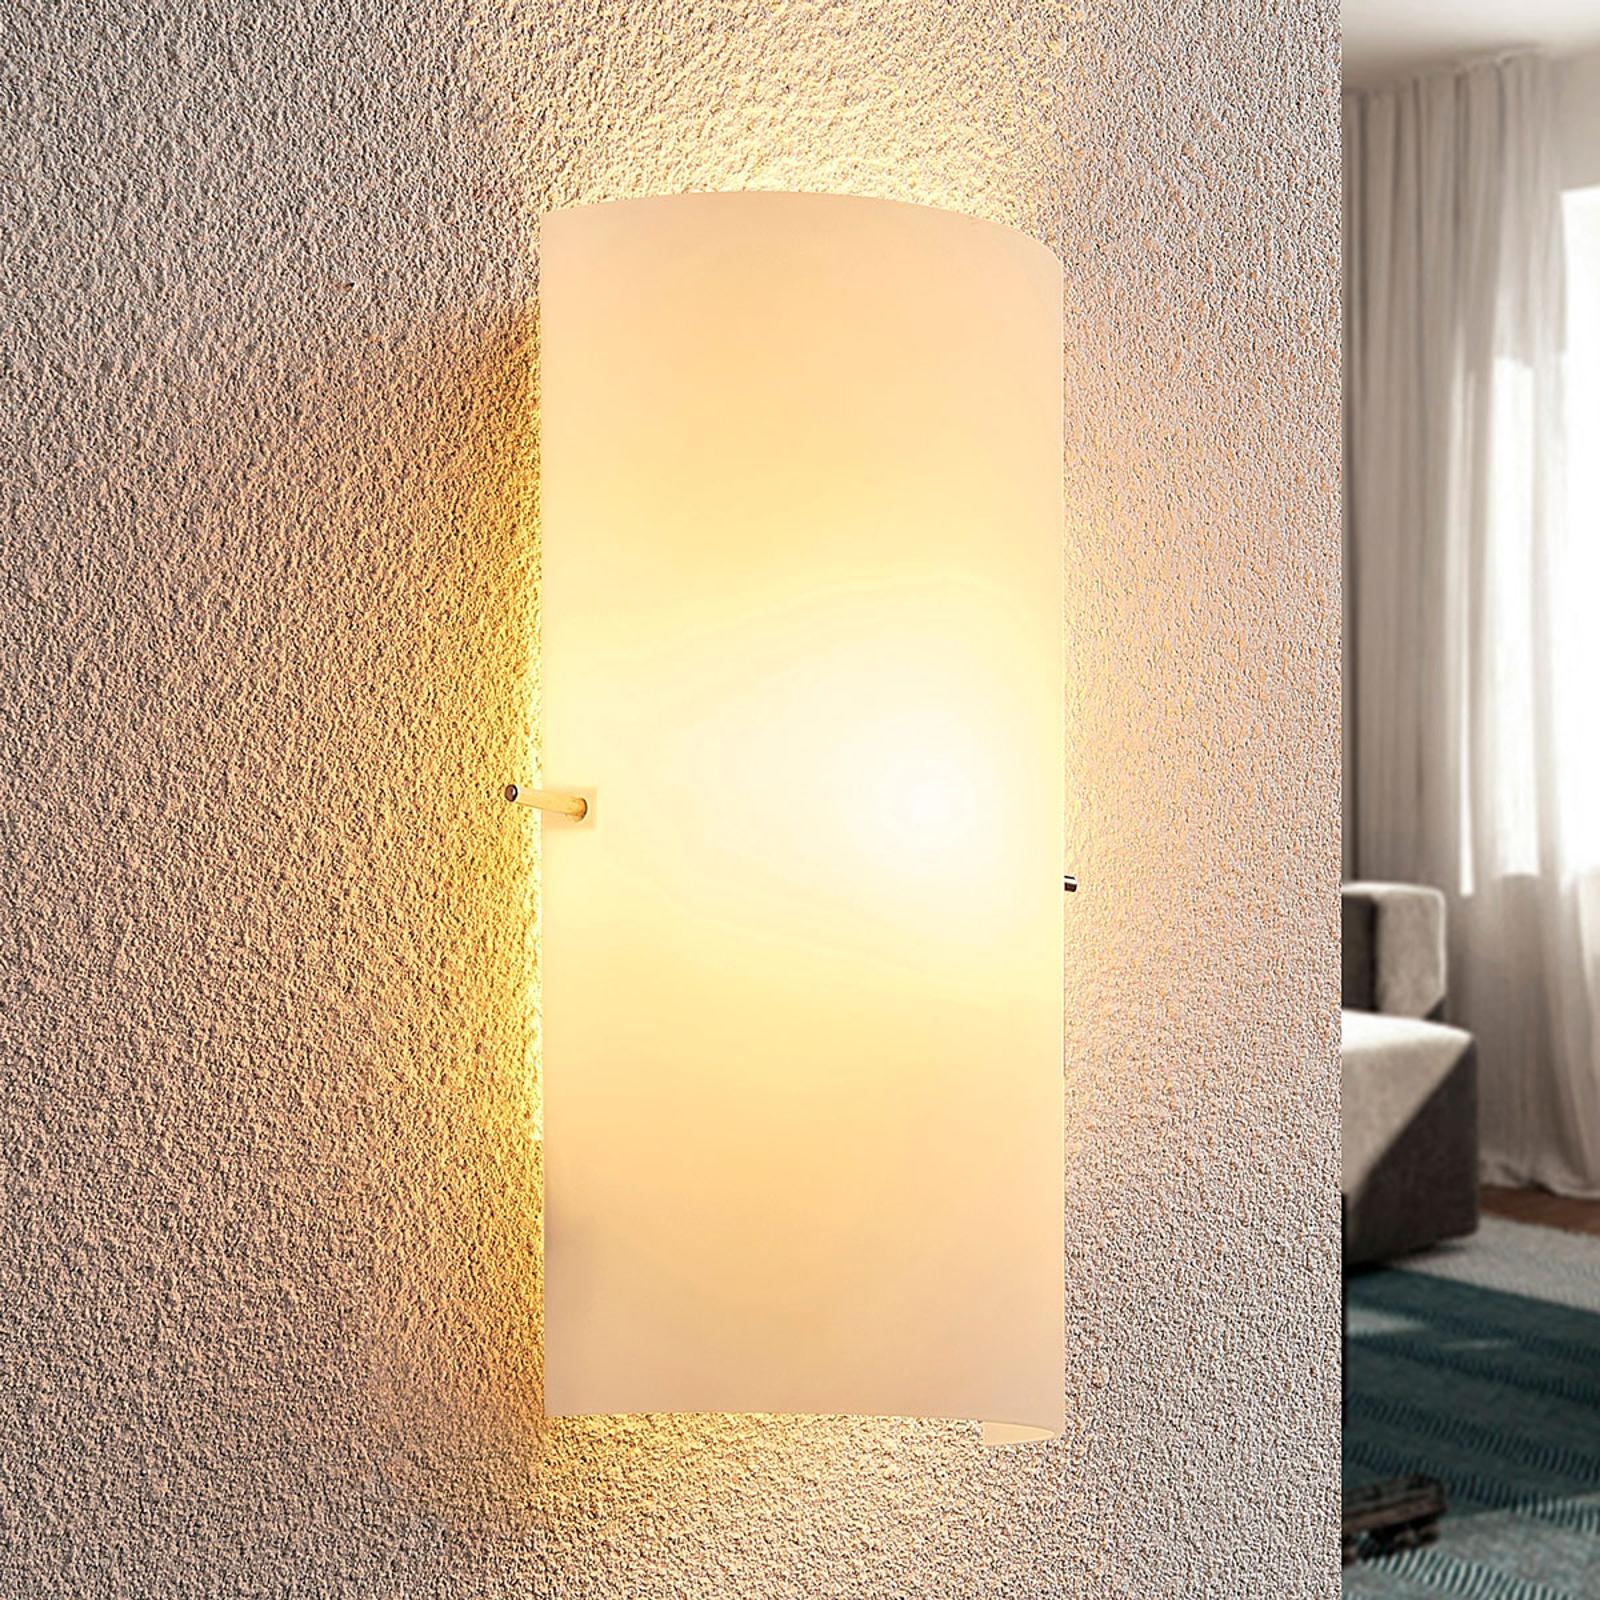 Skleněné nástěnné světlo Tuli